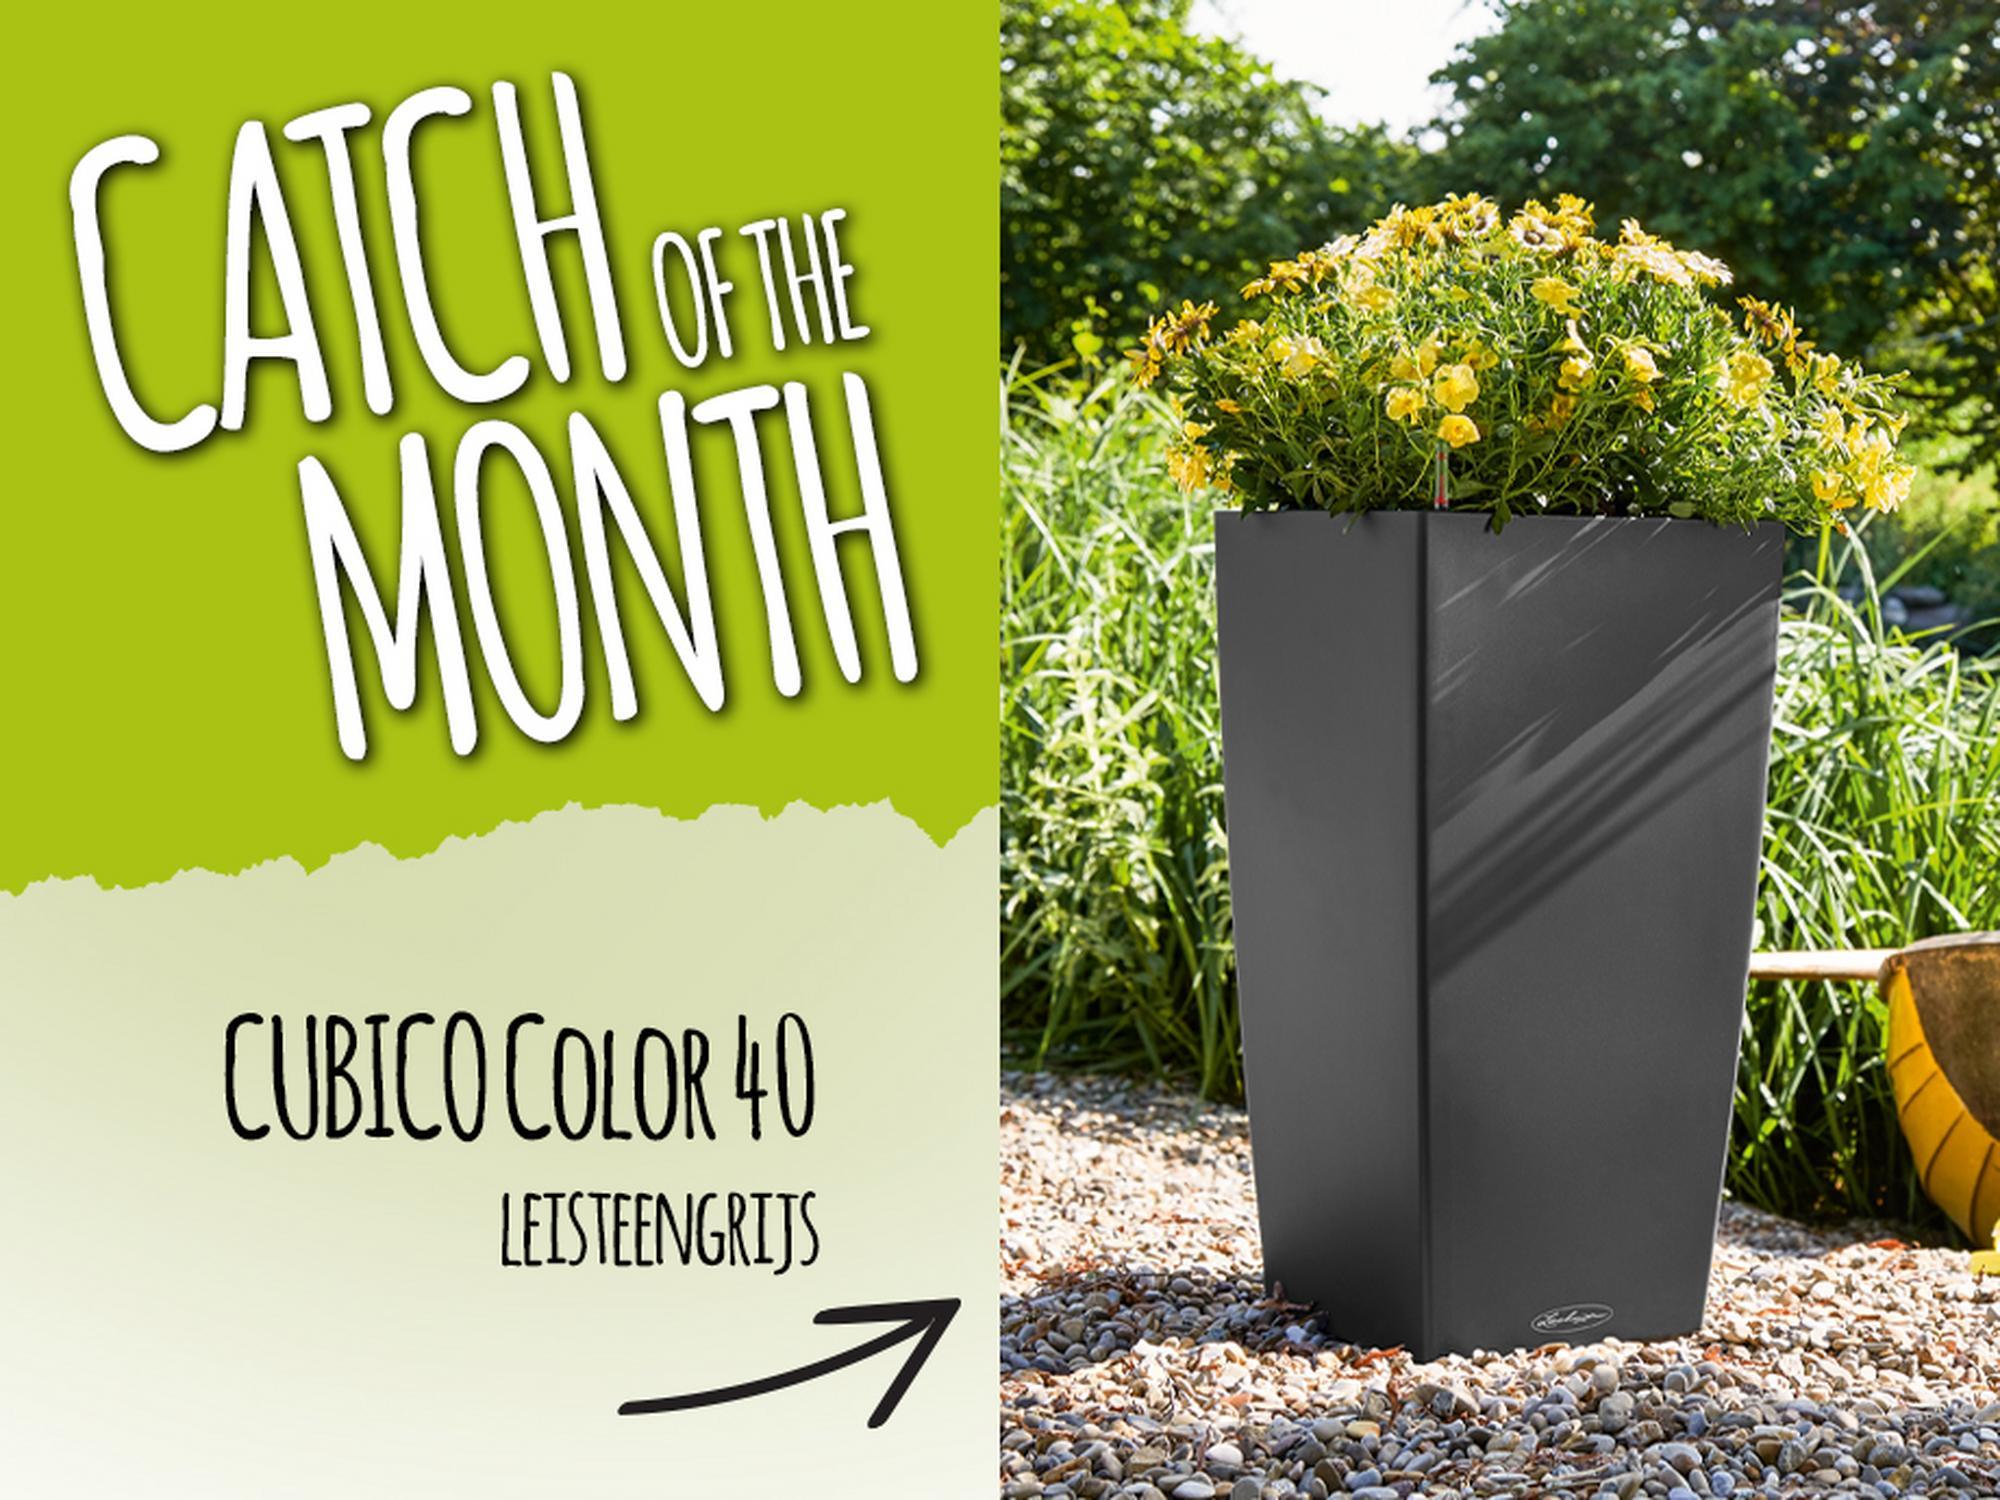 Catch of the Month: 15% korting op de  CUBICO Color 40 leisteengrijs